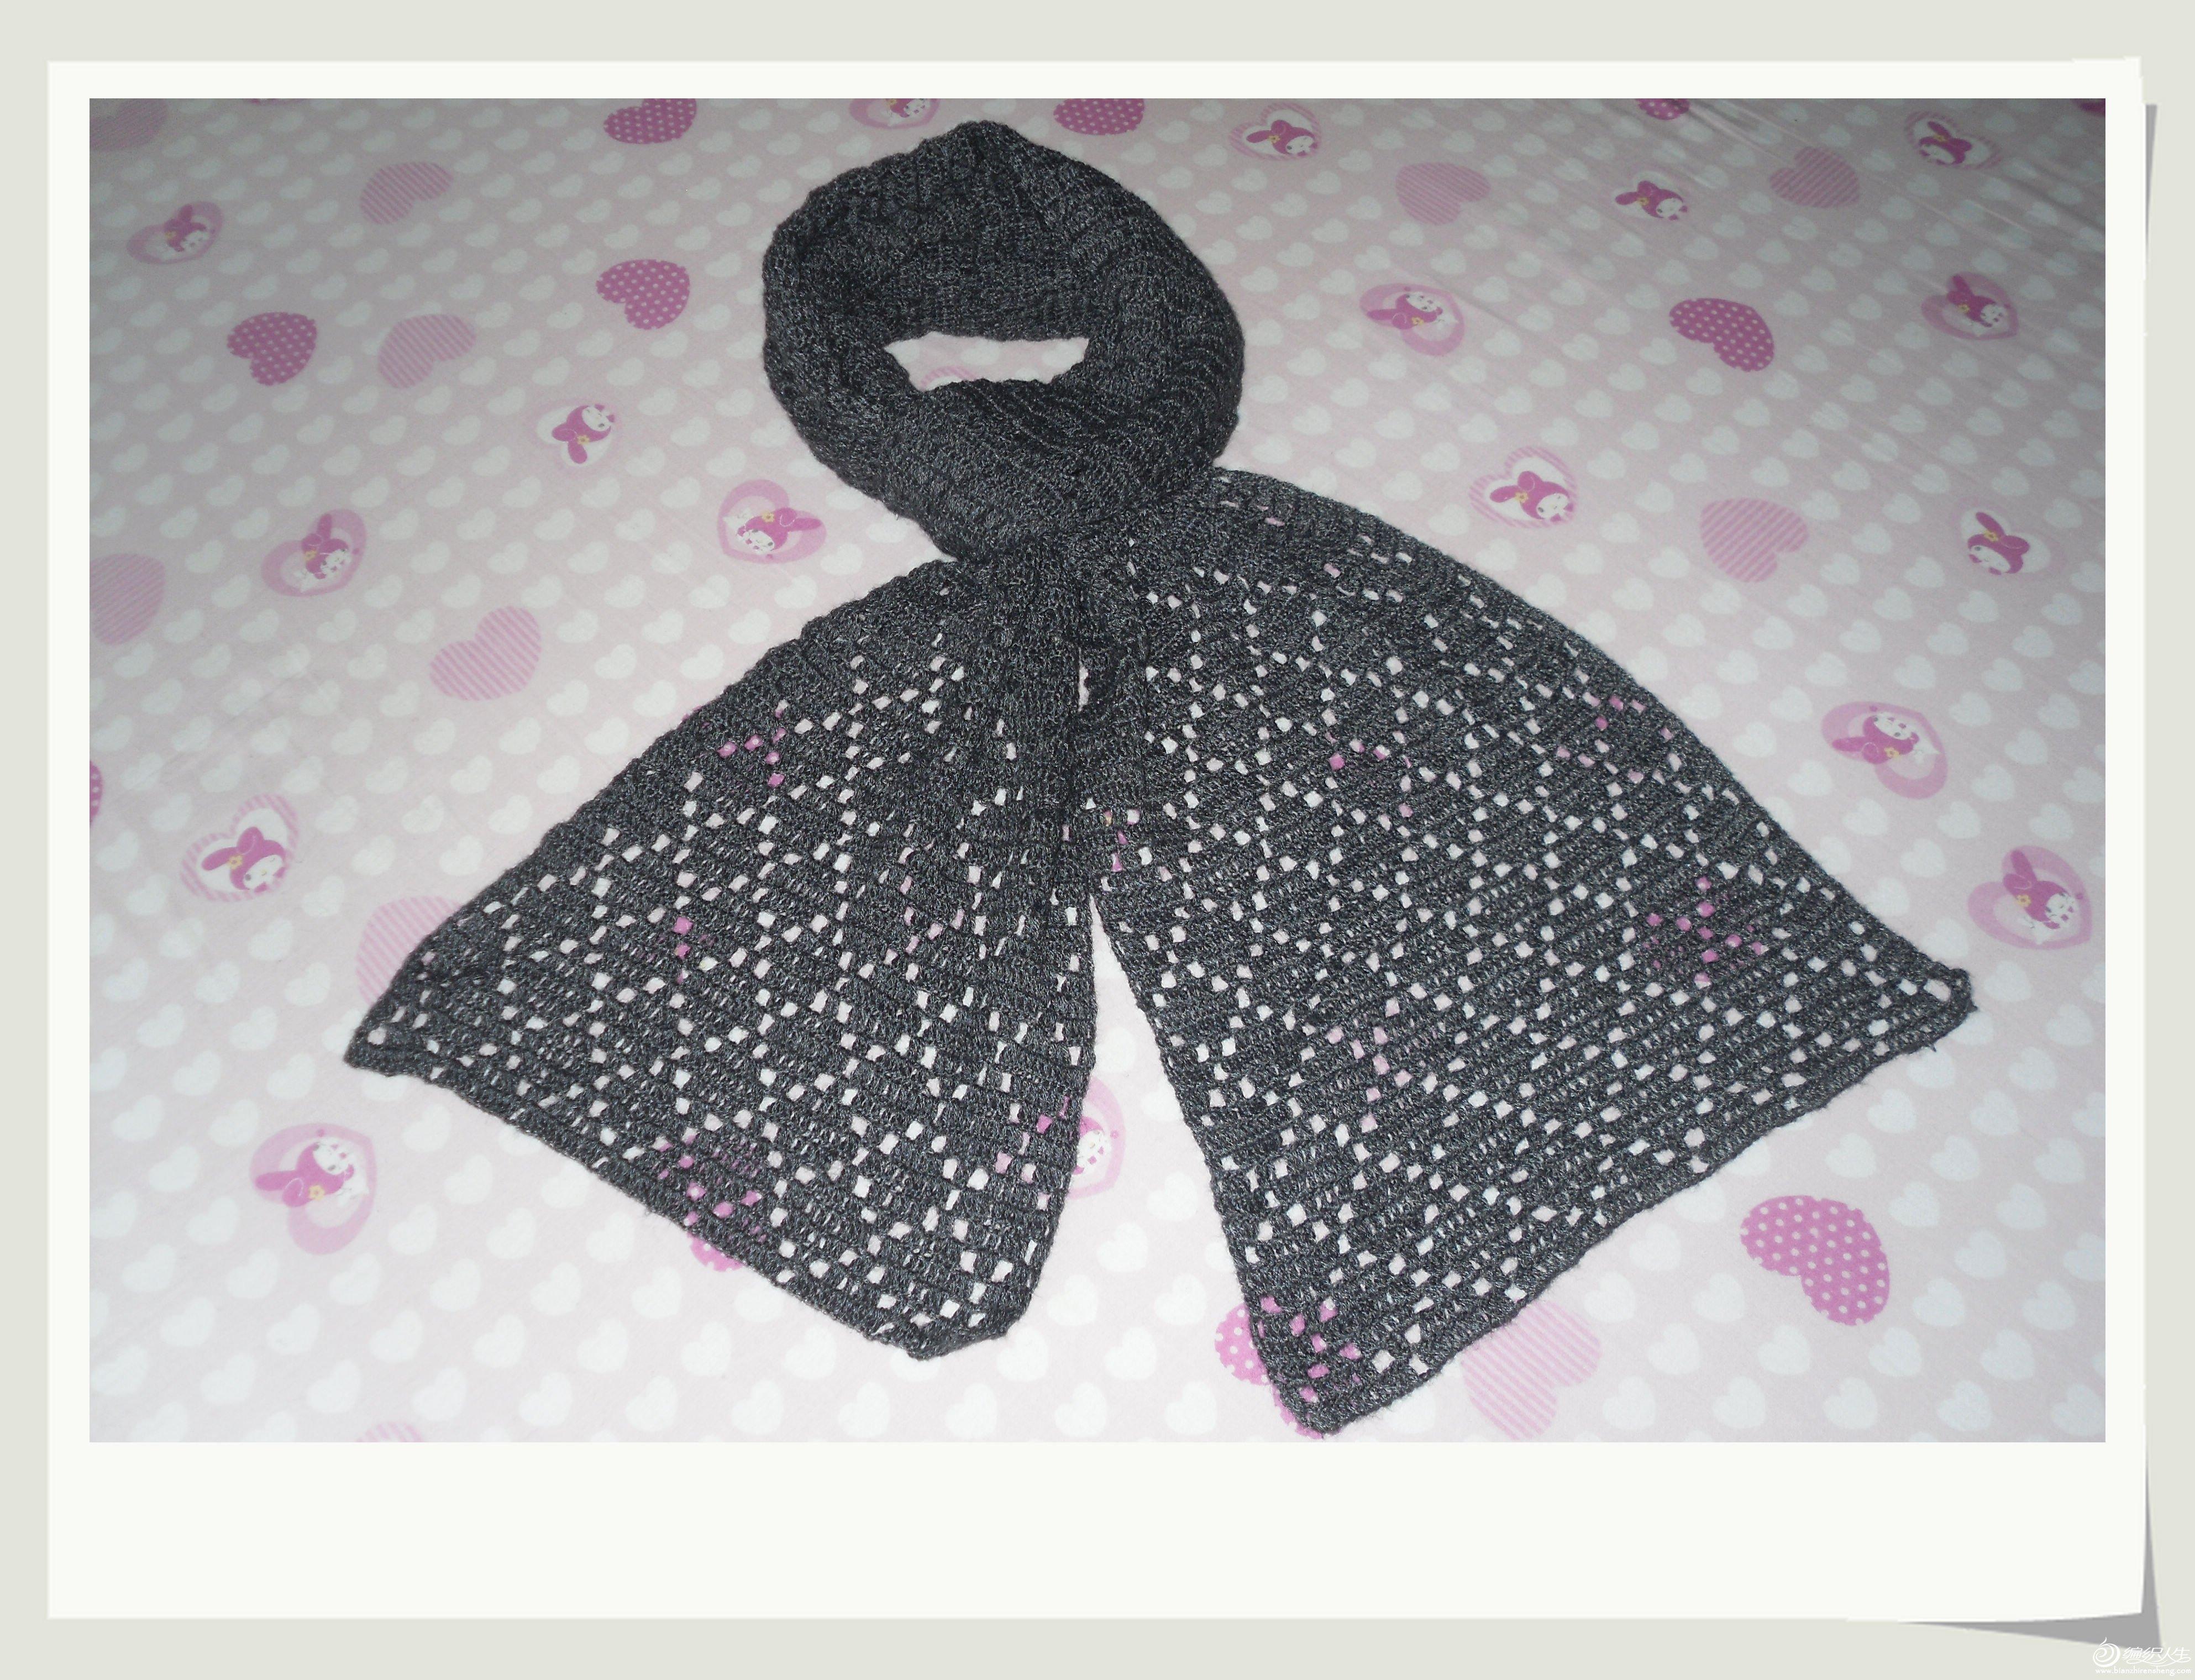 菱形格围巾1.jpg